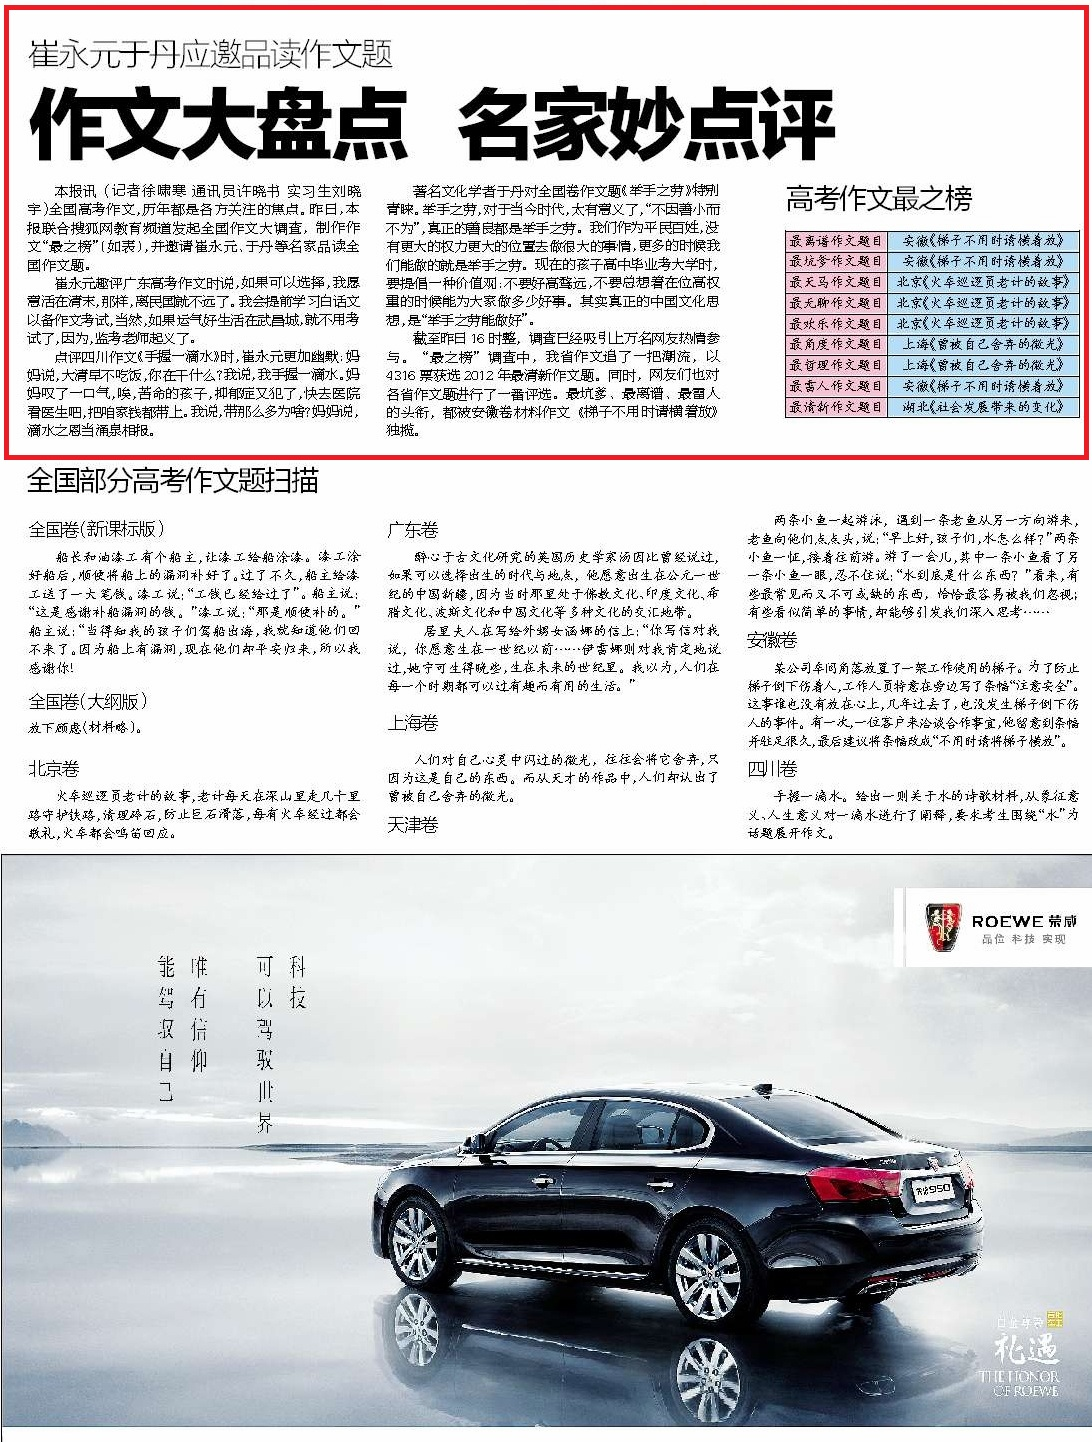 中国主流媒体教育联盟 楚天都市报